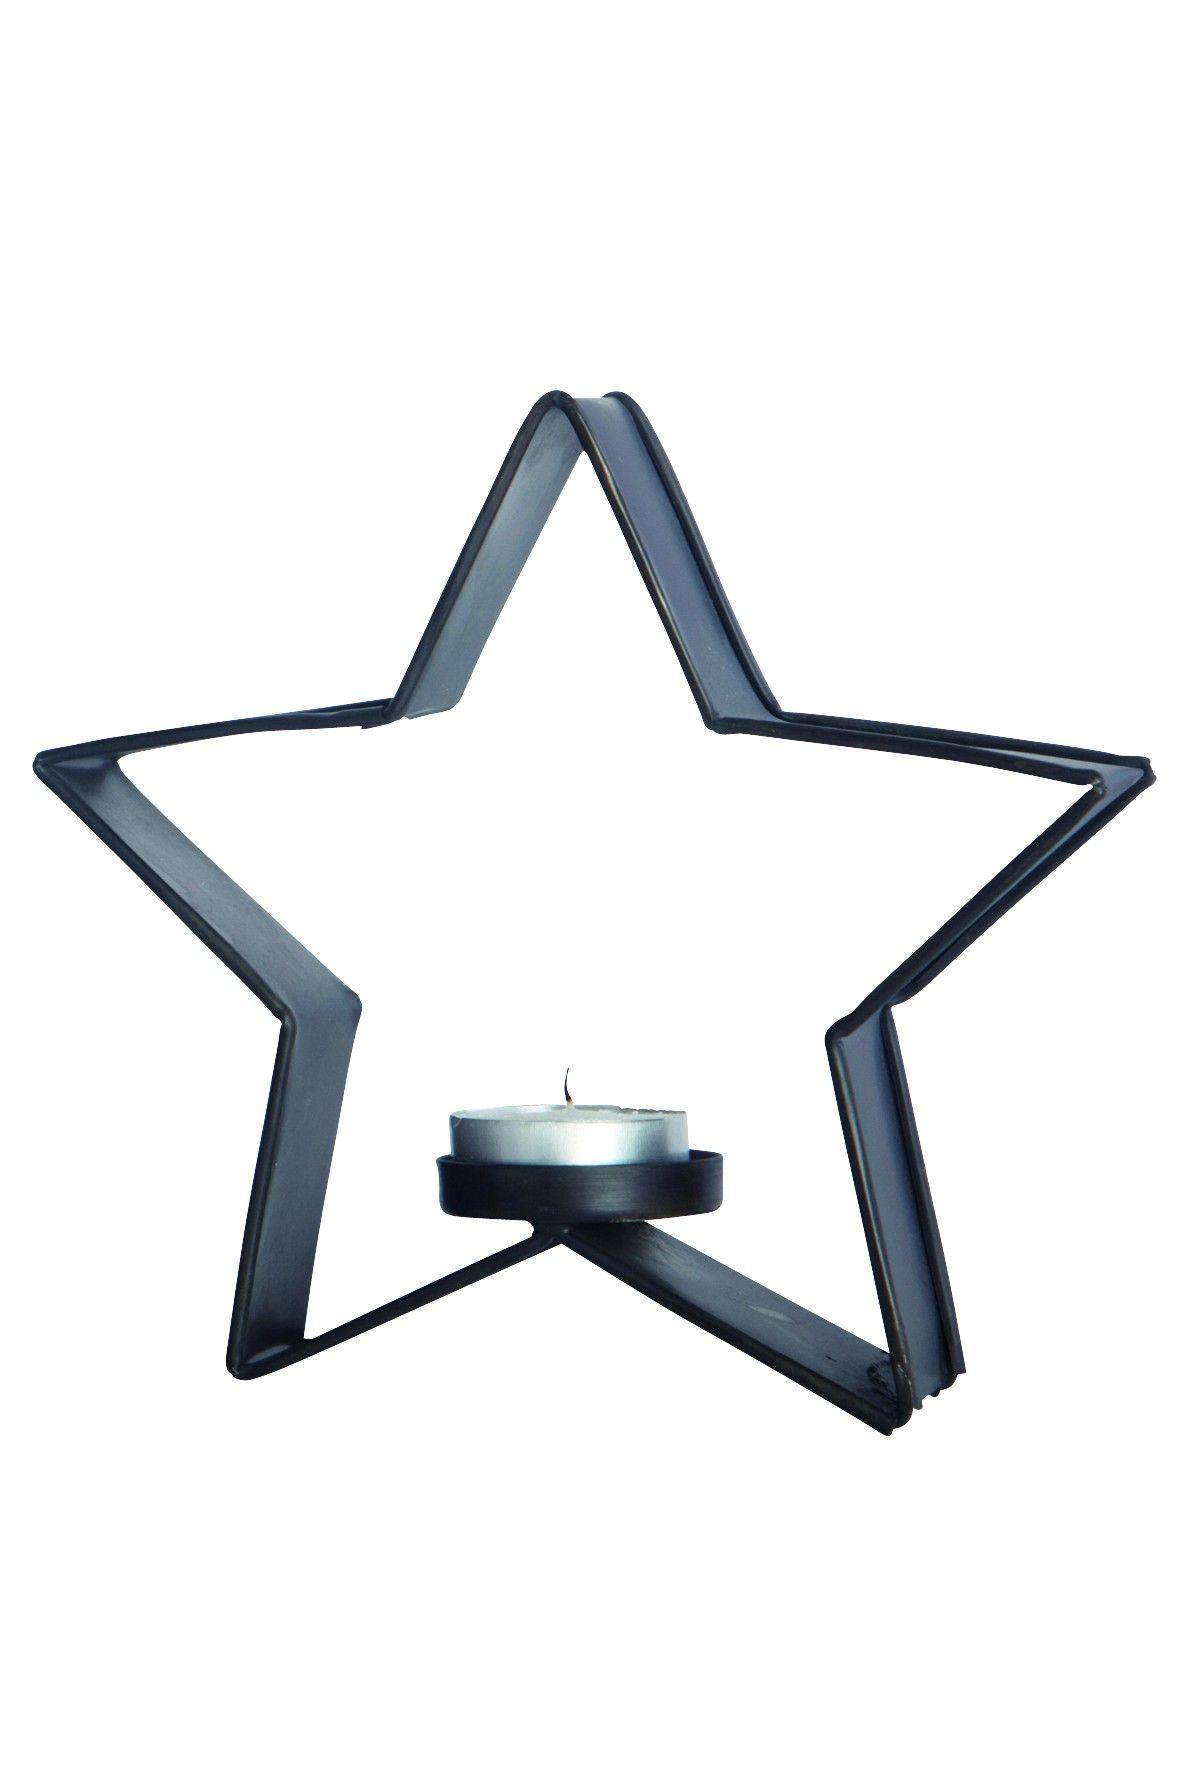 House Doctor Metalstjerne med fyrfadsholder